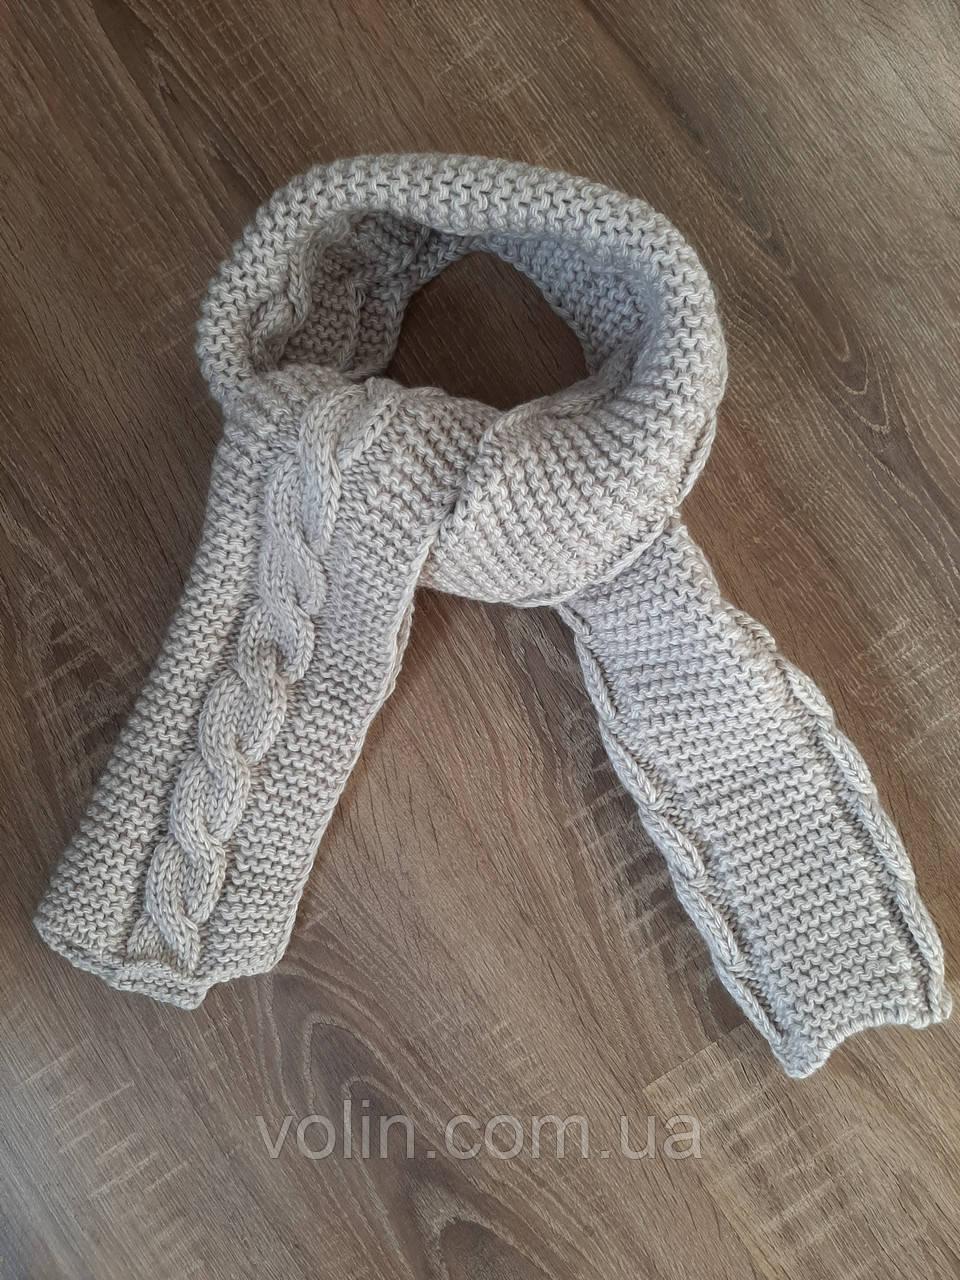 Плетений жіночий напіввовняної шарф.